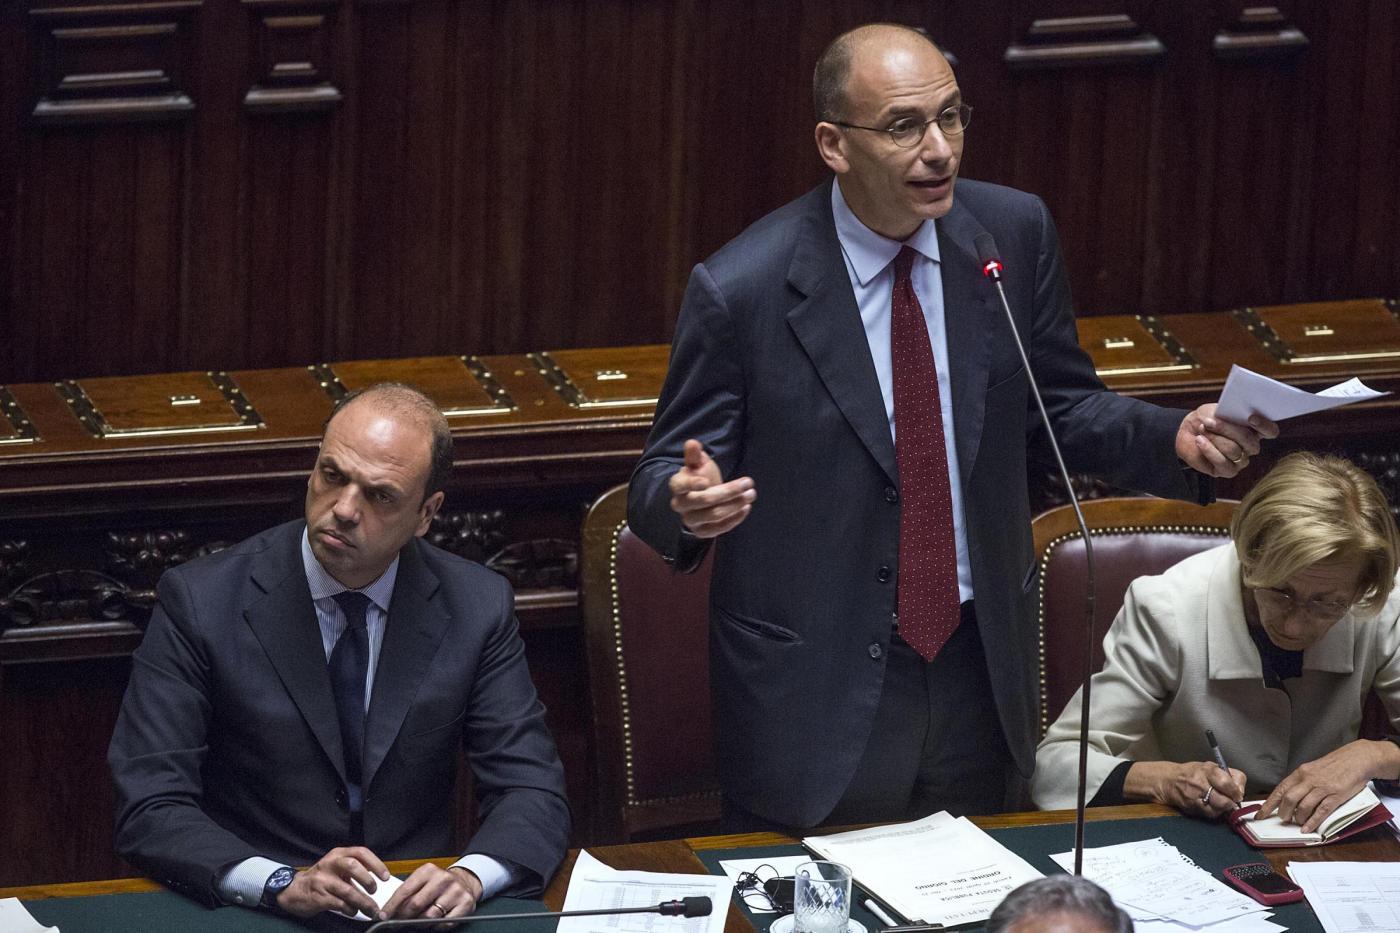 Governo letta fiducia anche dal senato diretta for Leggi approvate oggi al senato